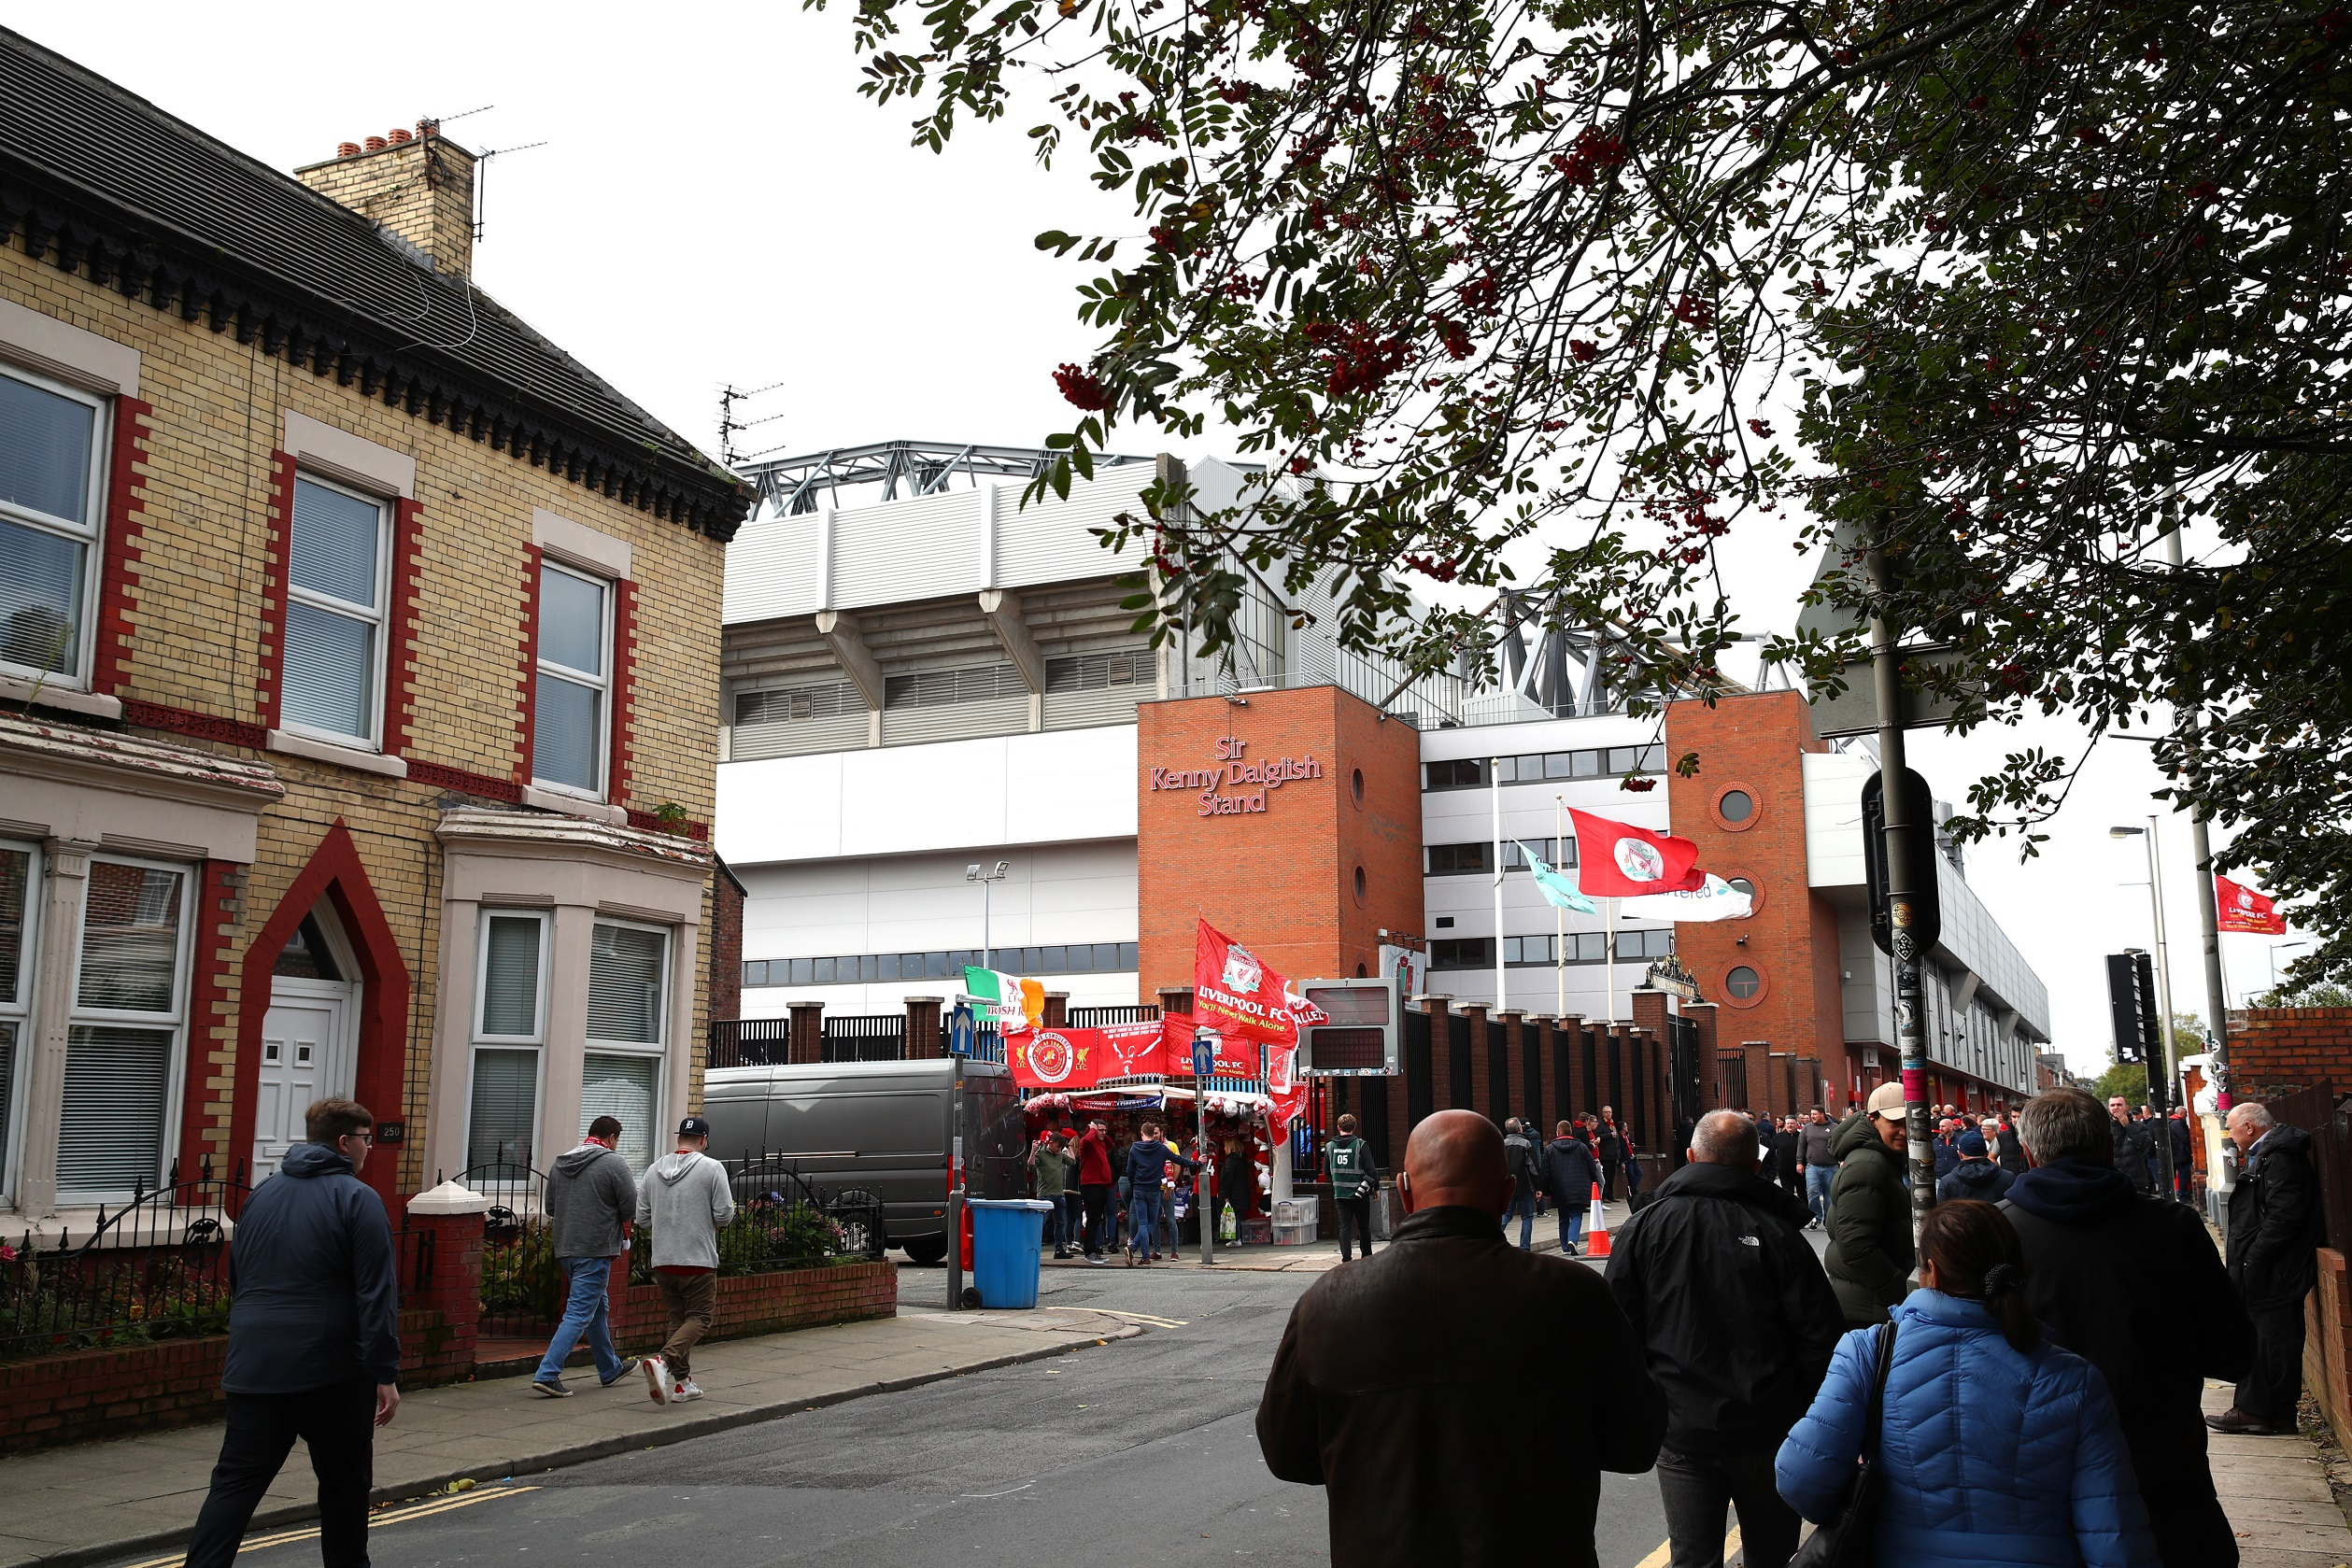 Impregnado en cada esquina de Anfield, un suspiro por el título